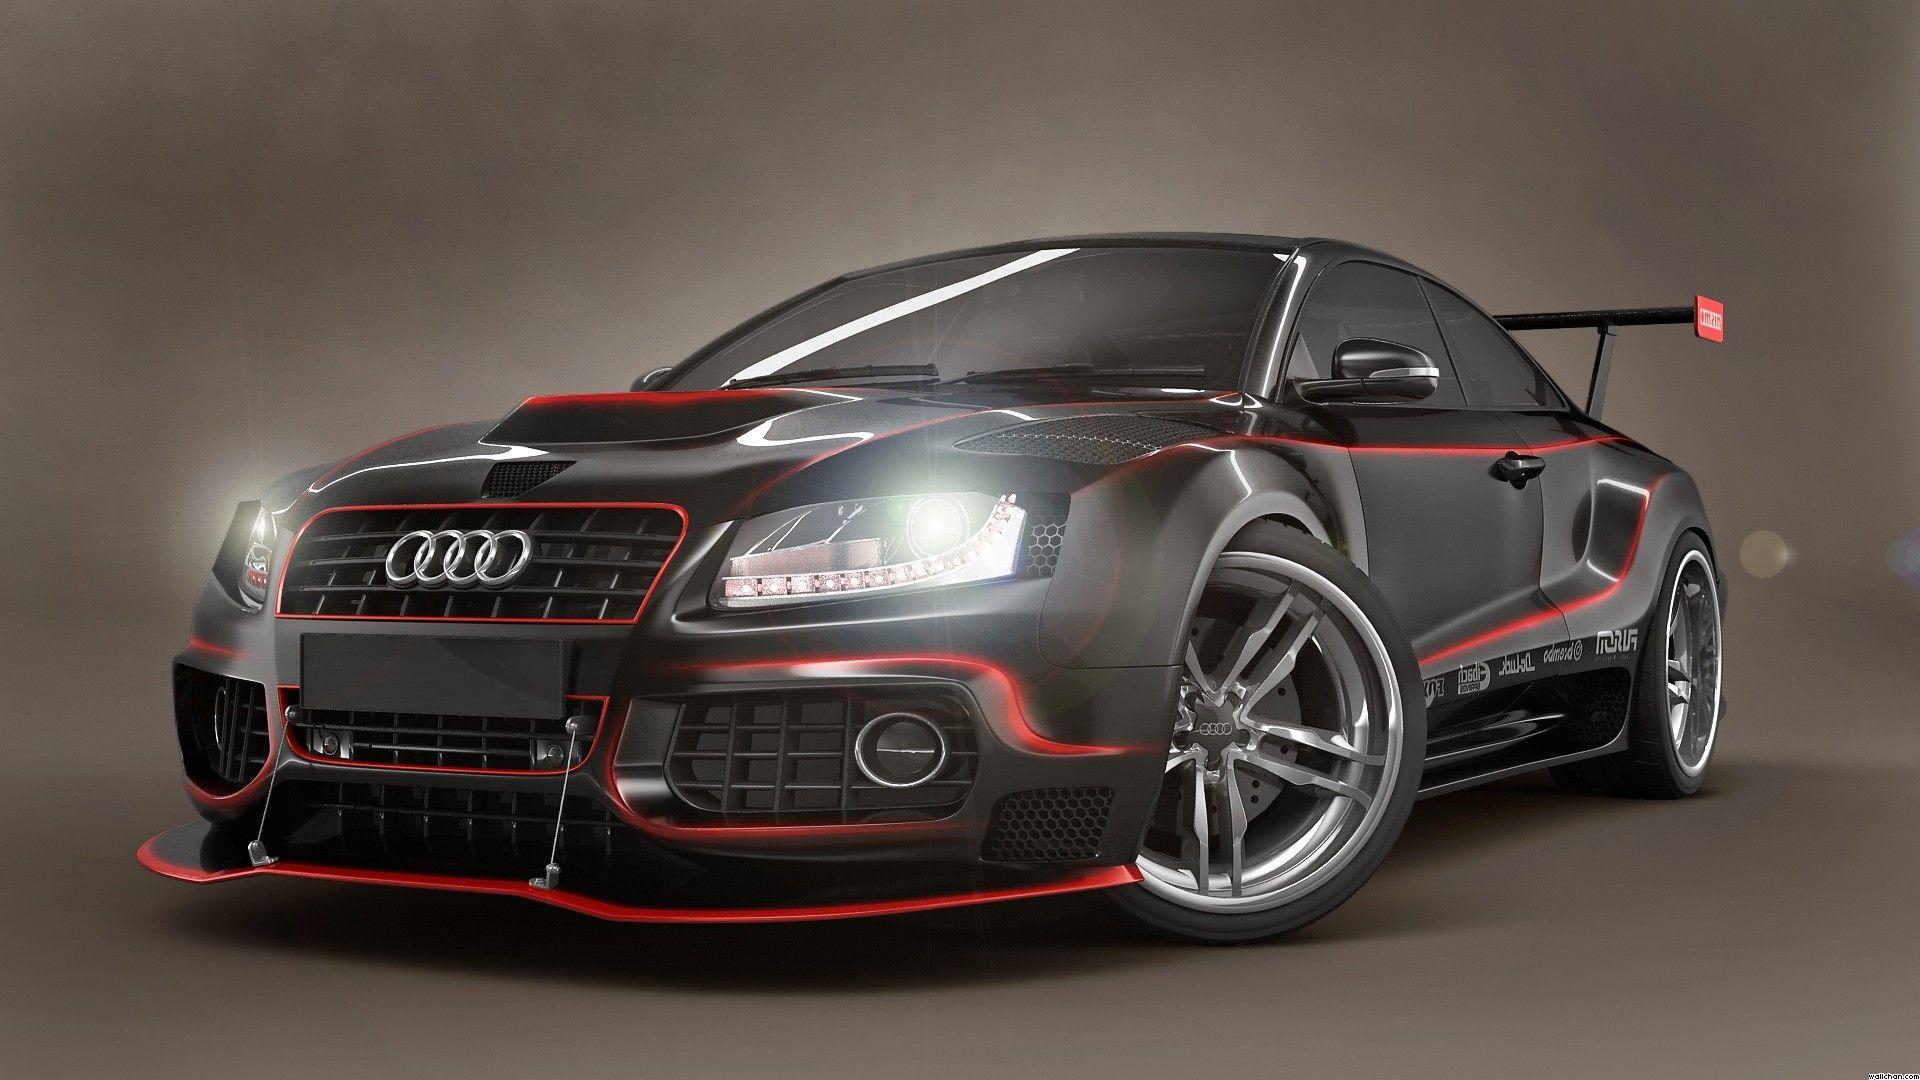 Audi Racing Car Wallpaper